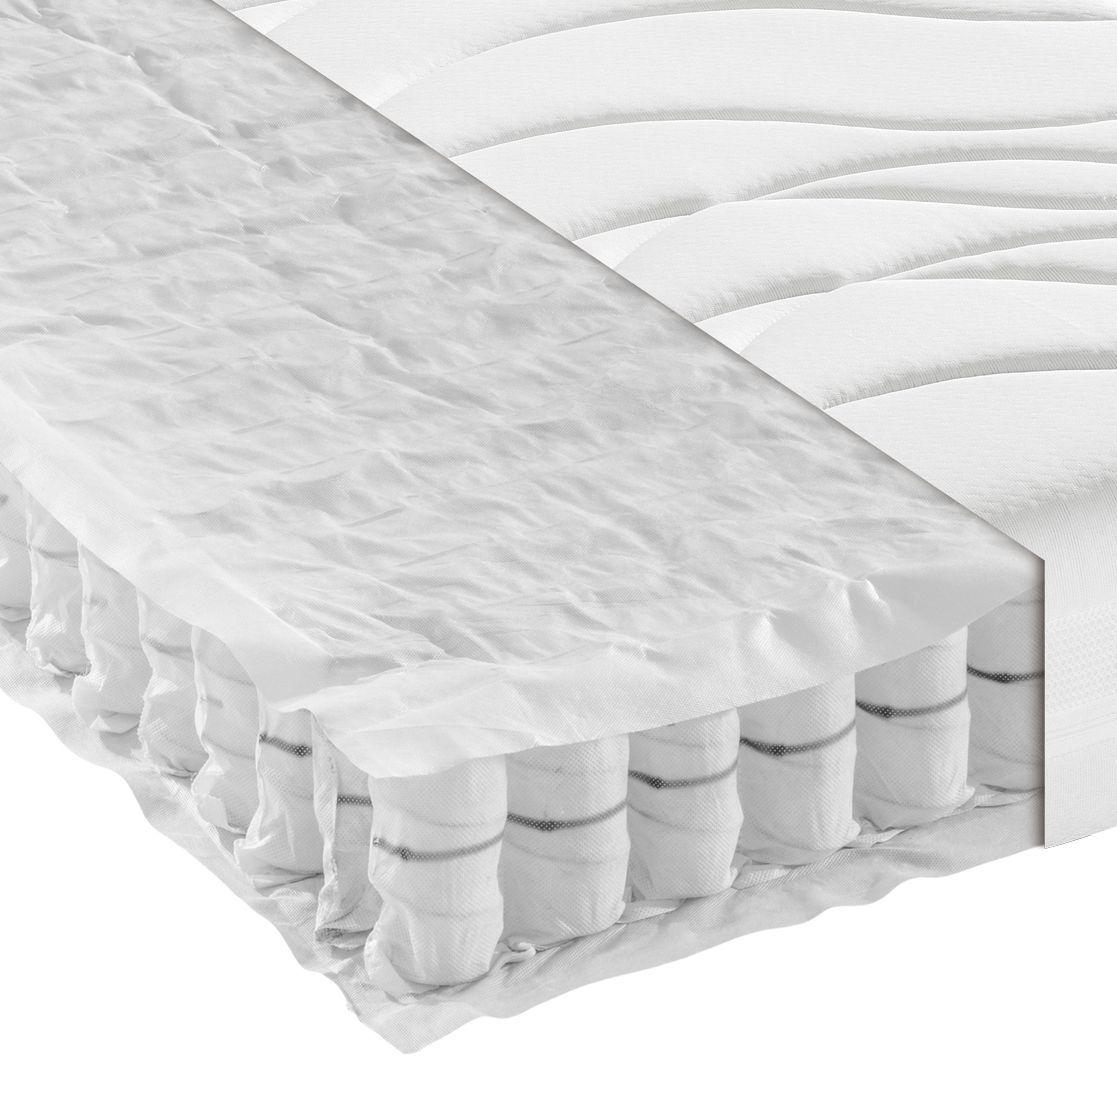 7 Zonen Tonnentaschenfederkern Matratze Matratze Federkernmatratze Federbetten